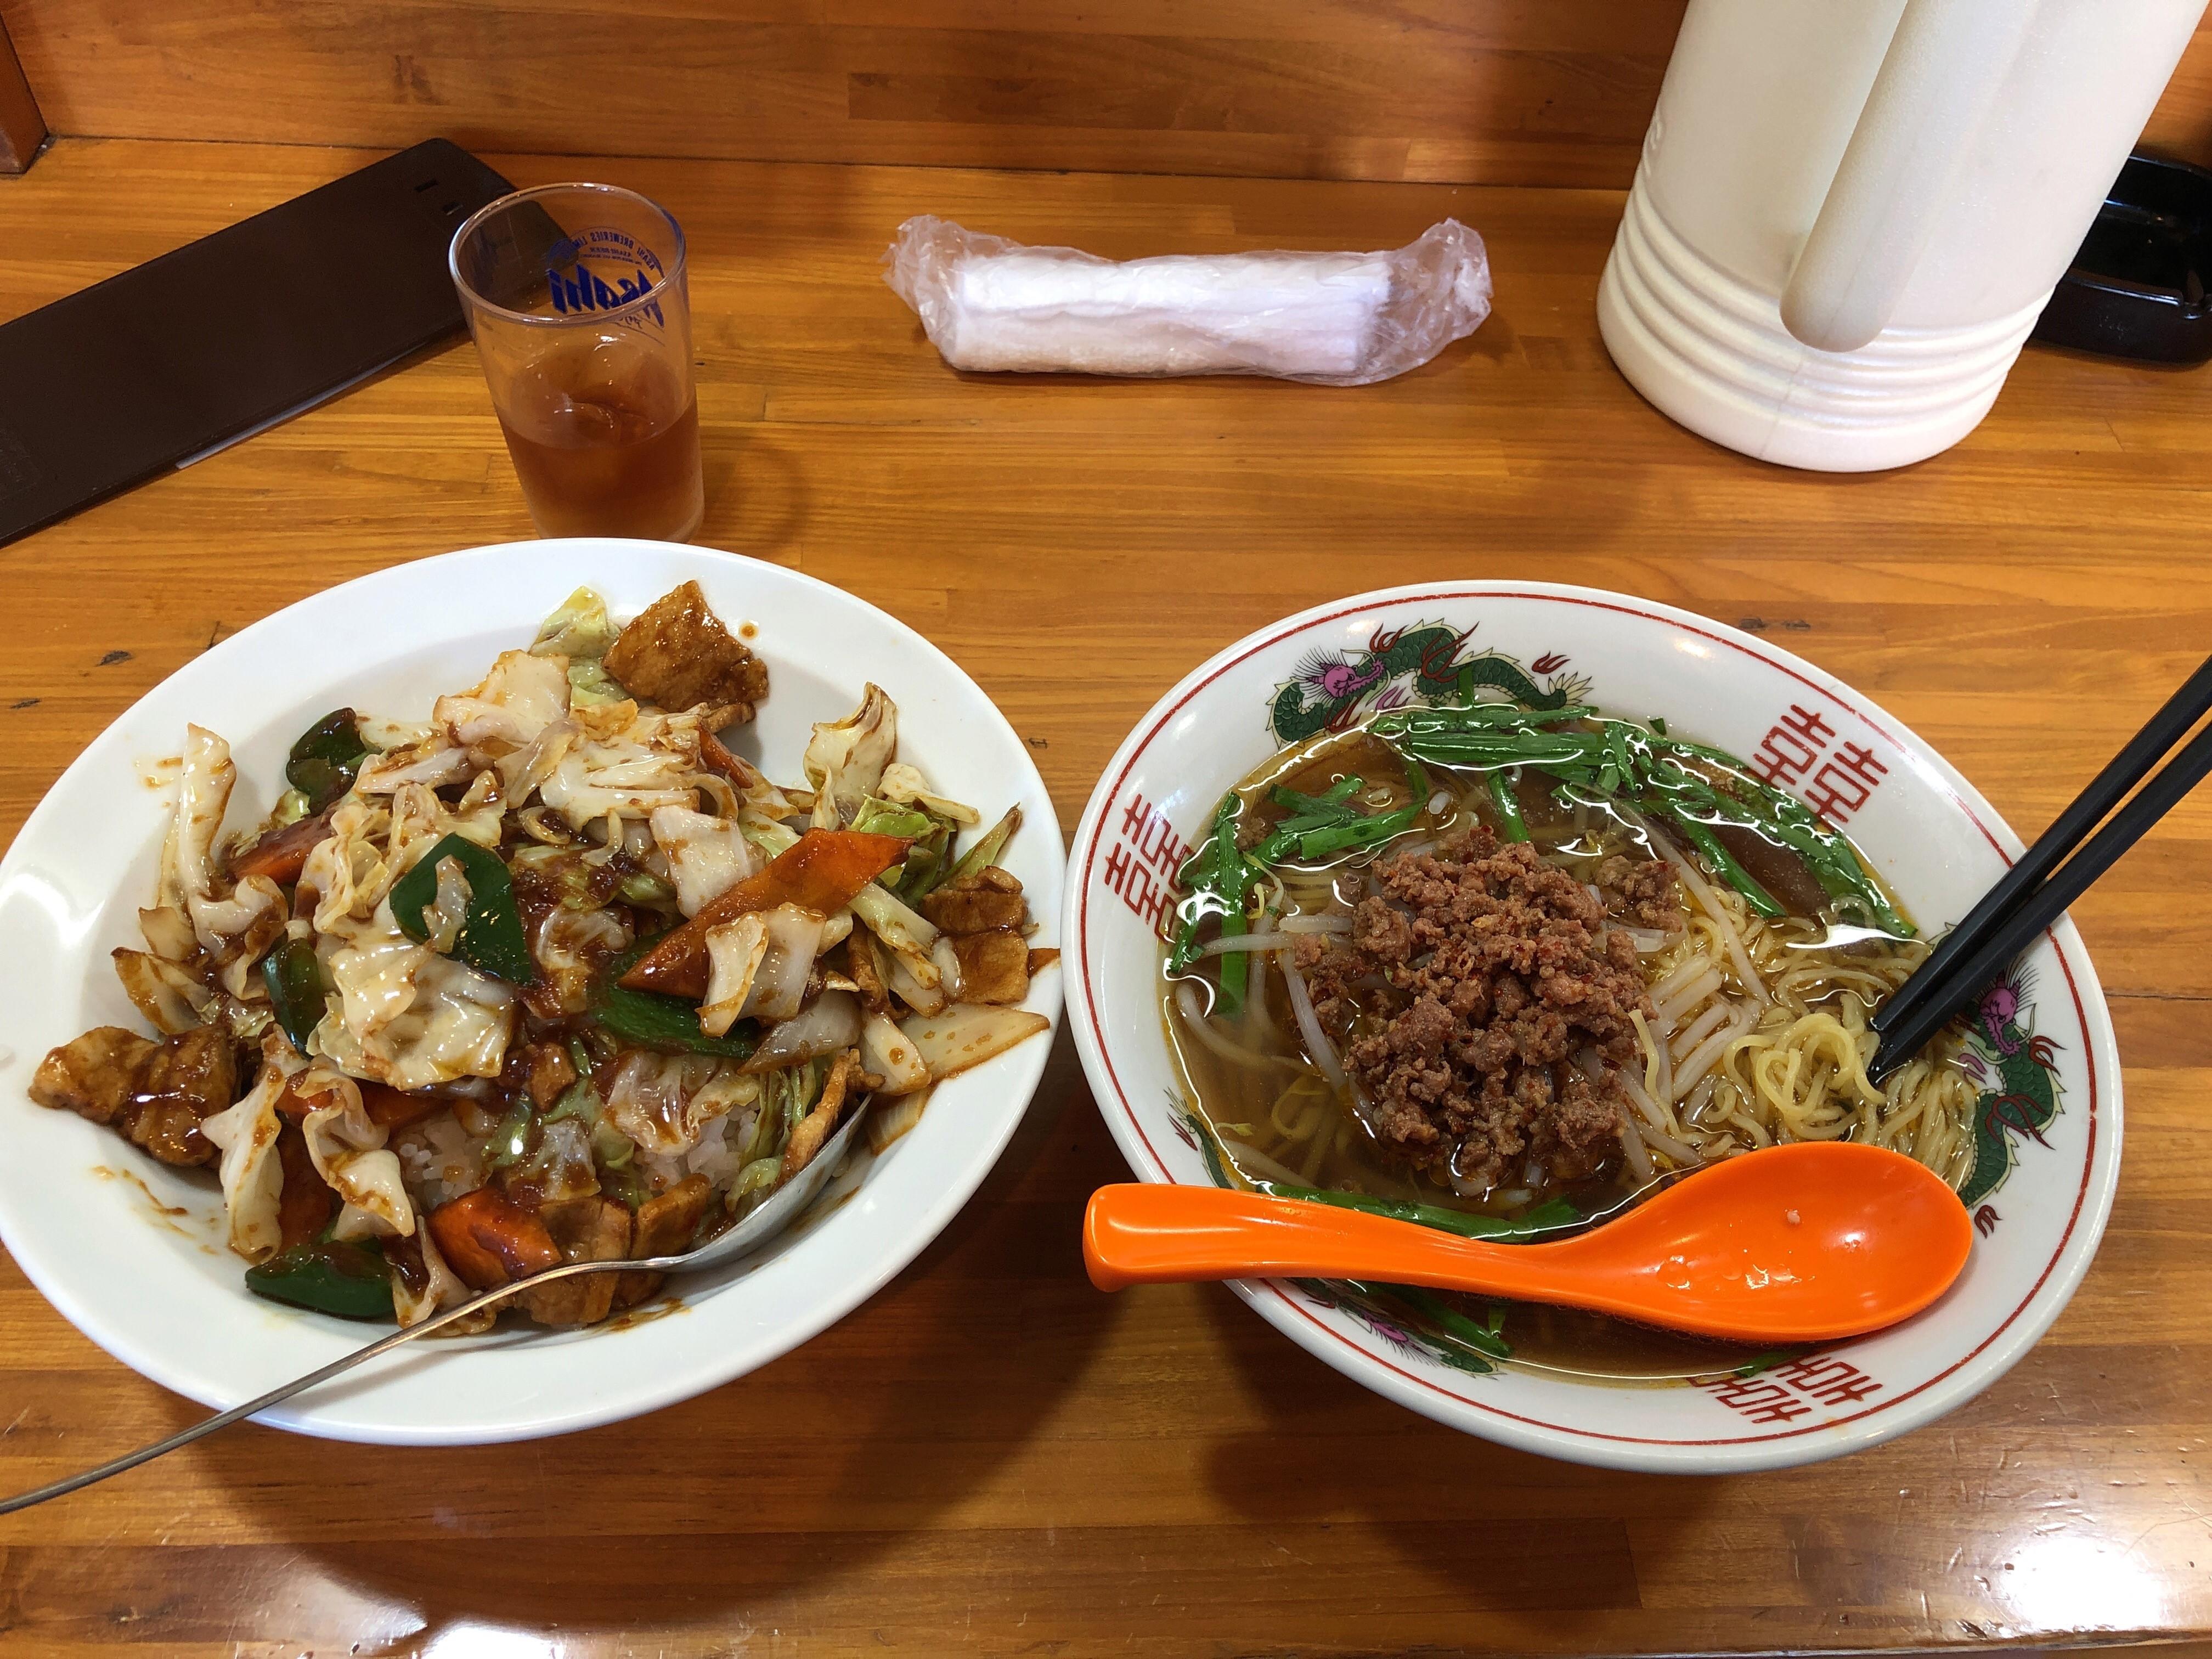 鹿沼街道沿いにある町の中華屋さん台湾料理福客来、750円のラーメンセットを頼むもまさかの超ボリューム